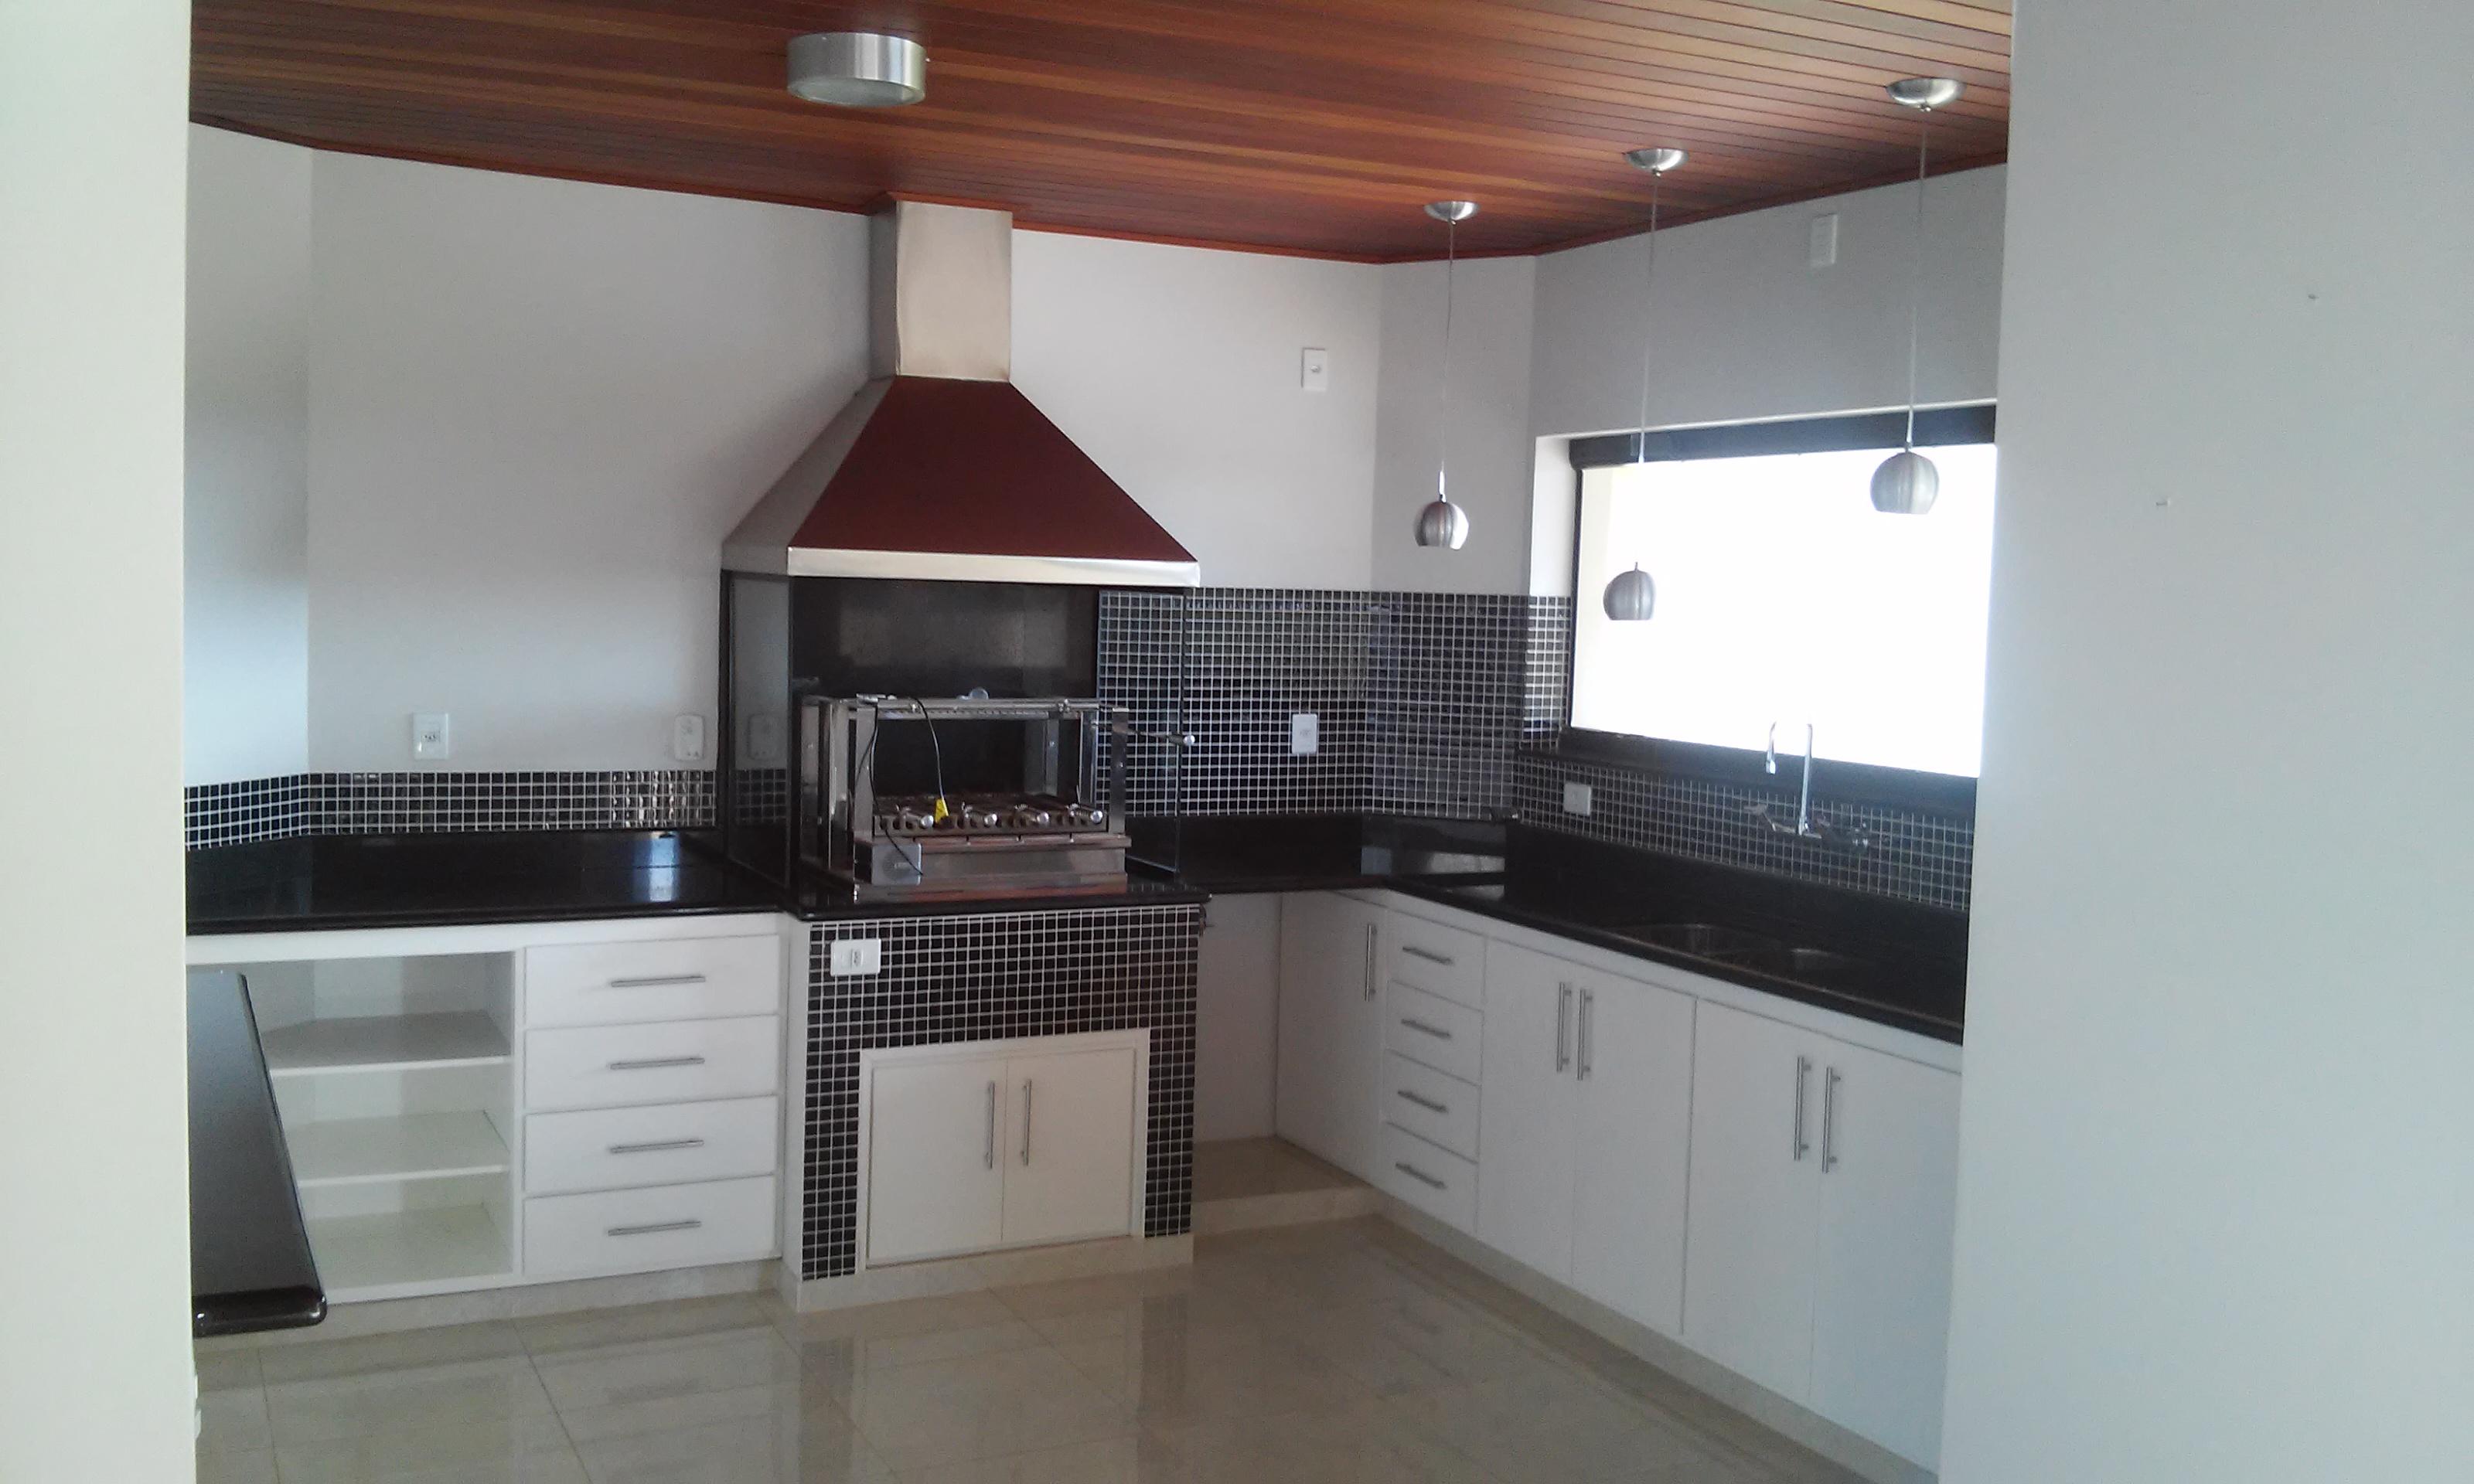 Imóveis Imobiliária Coelho Botucatu SP Casas Terrenos  #67463C 3200 1920